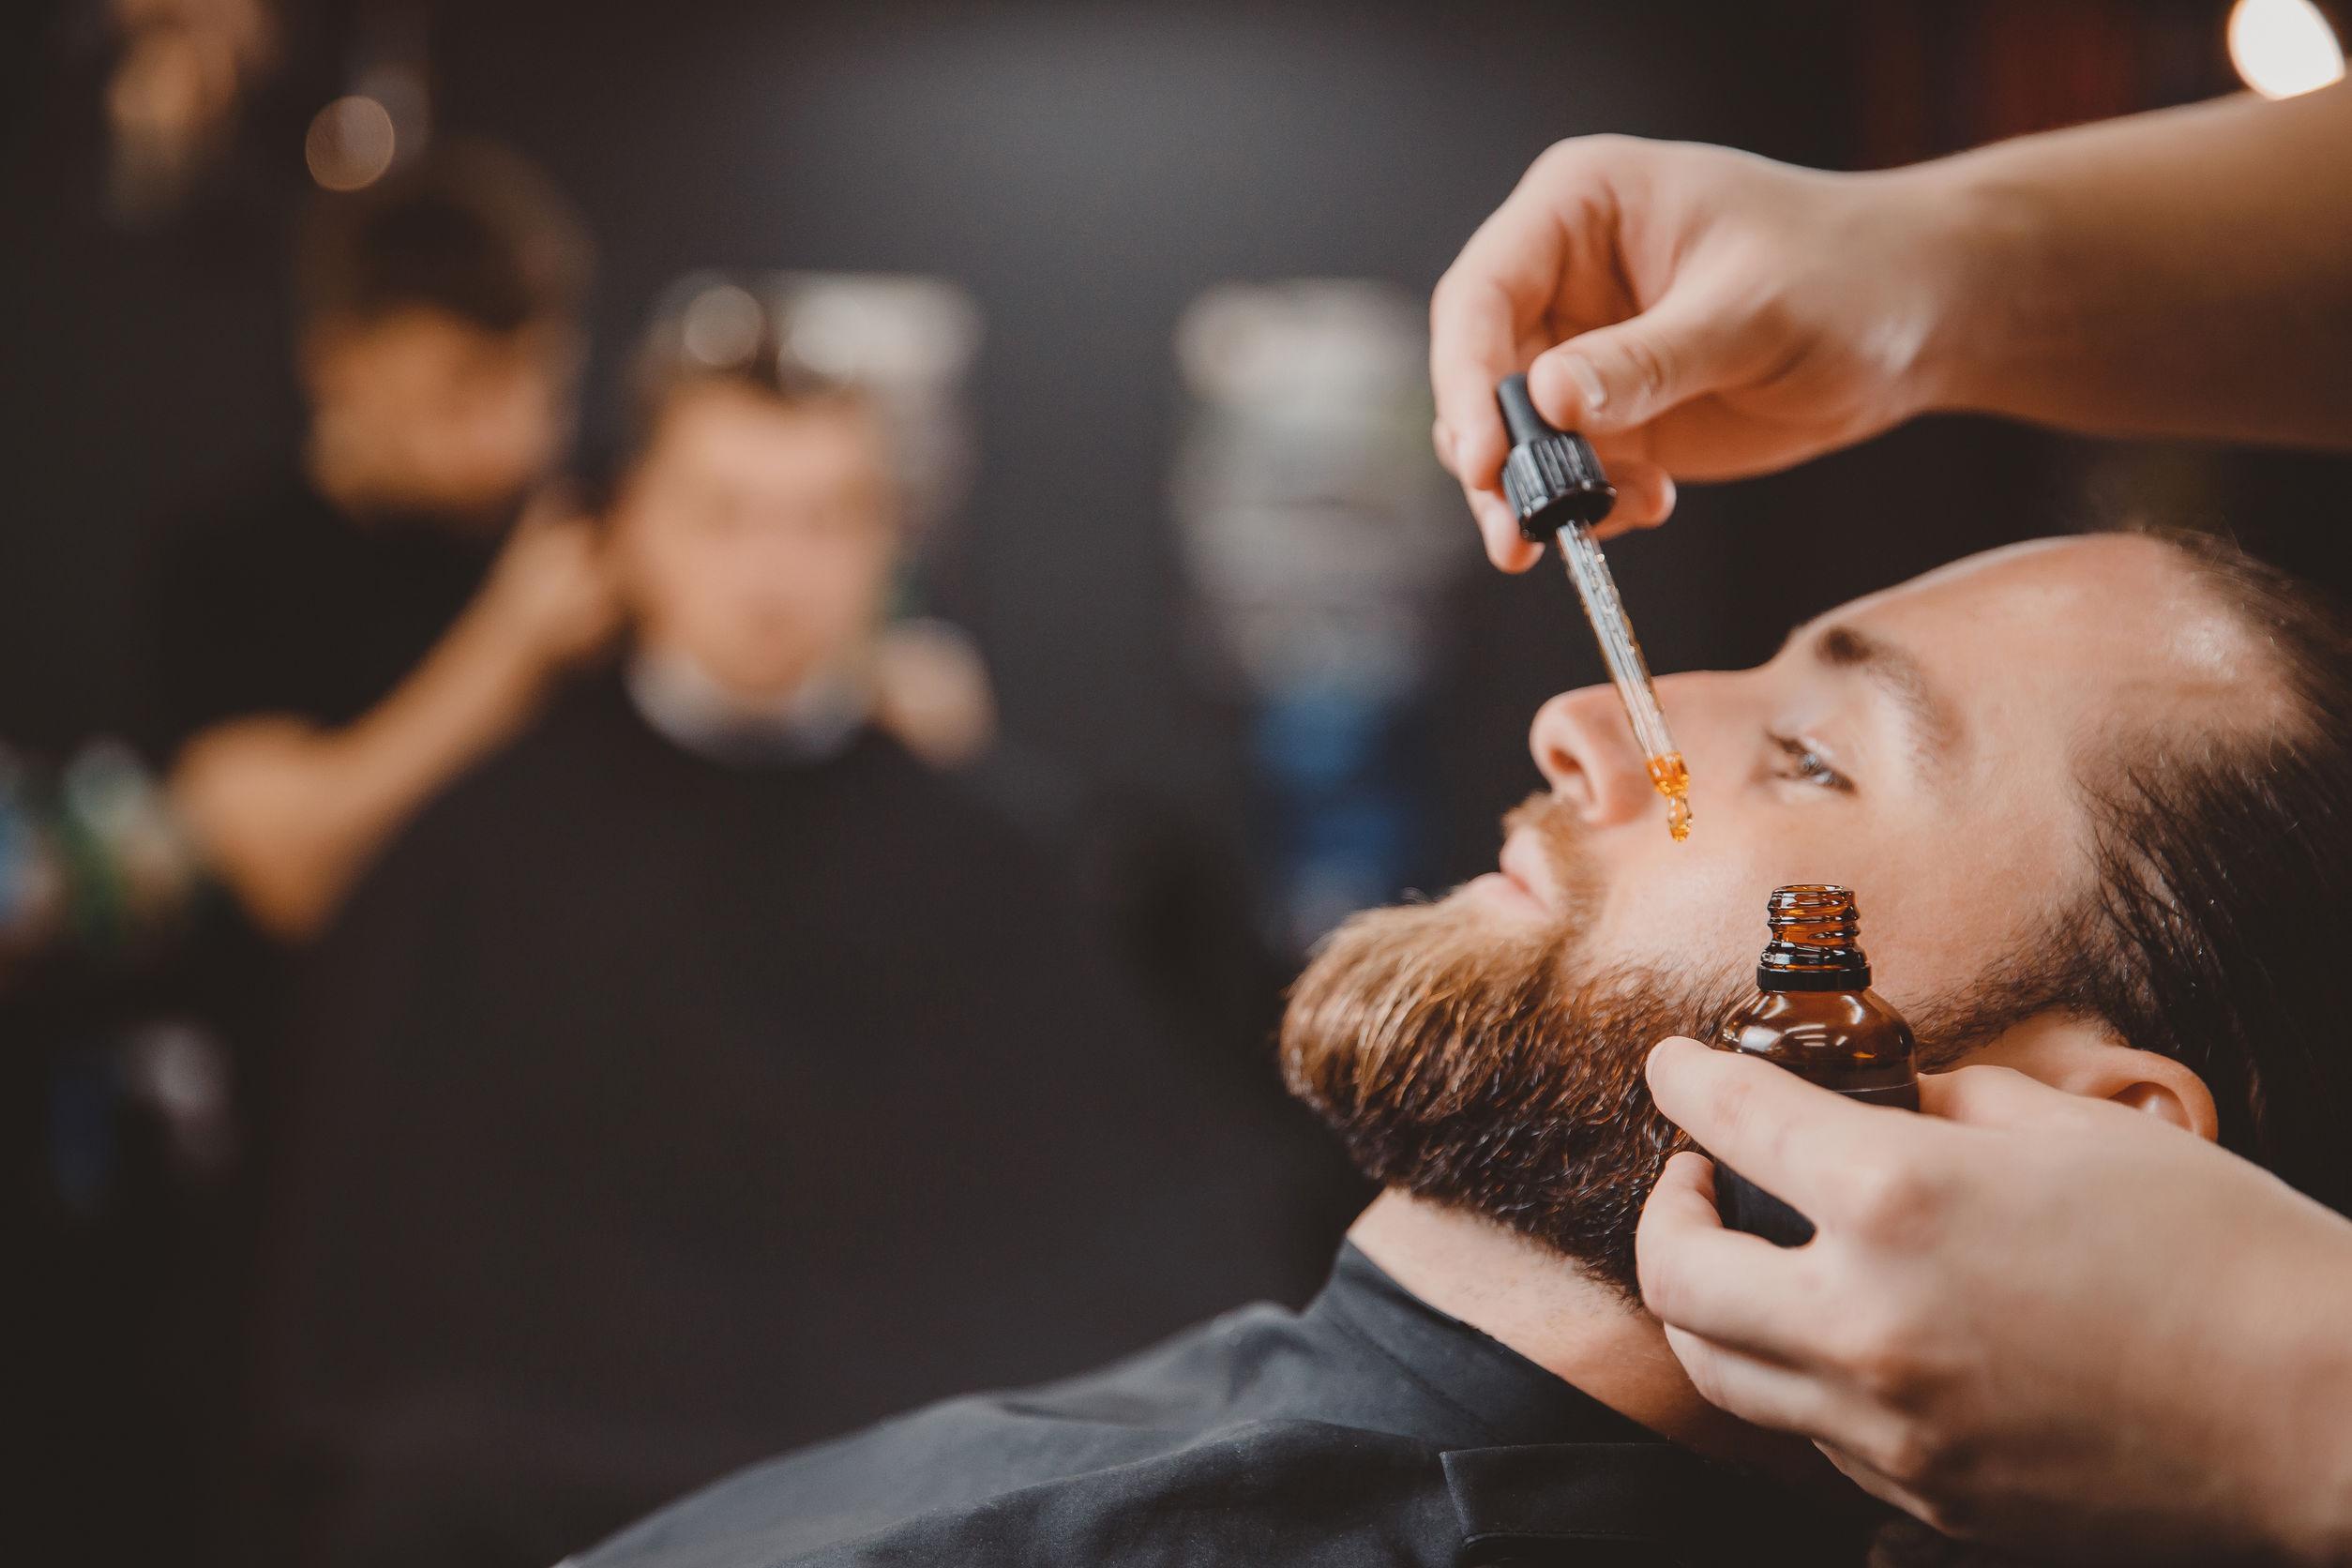 Aceite para barba: ¿Cuál es el mejor del 2021?